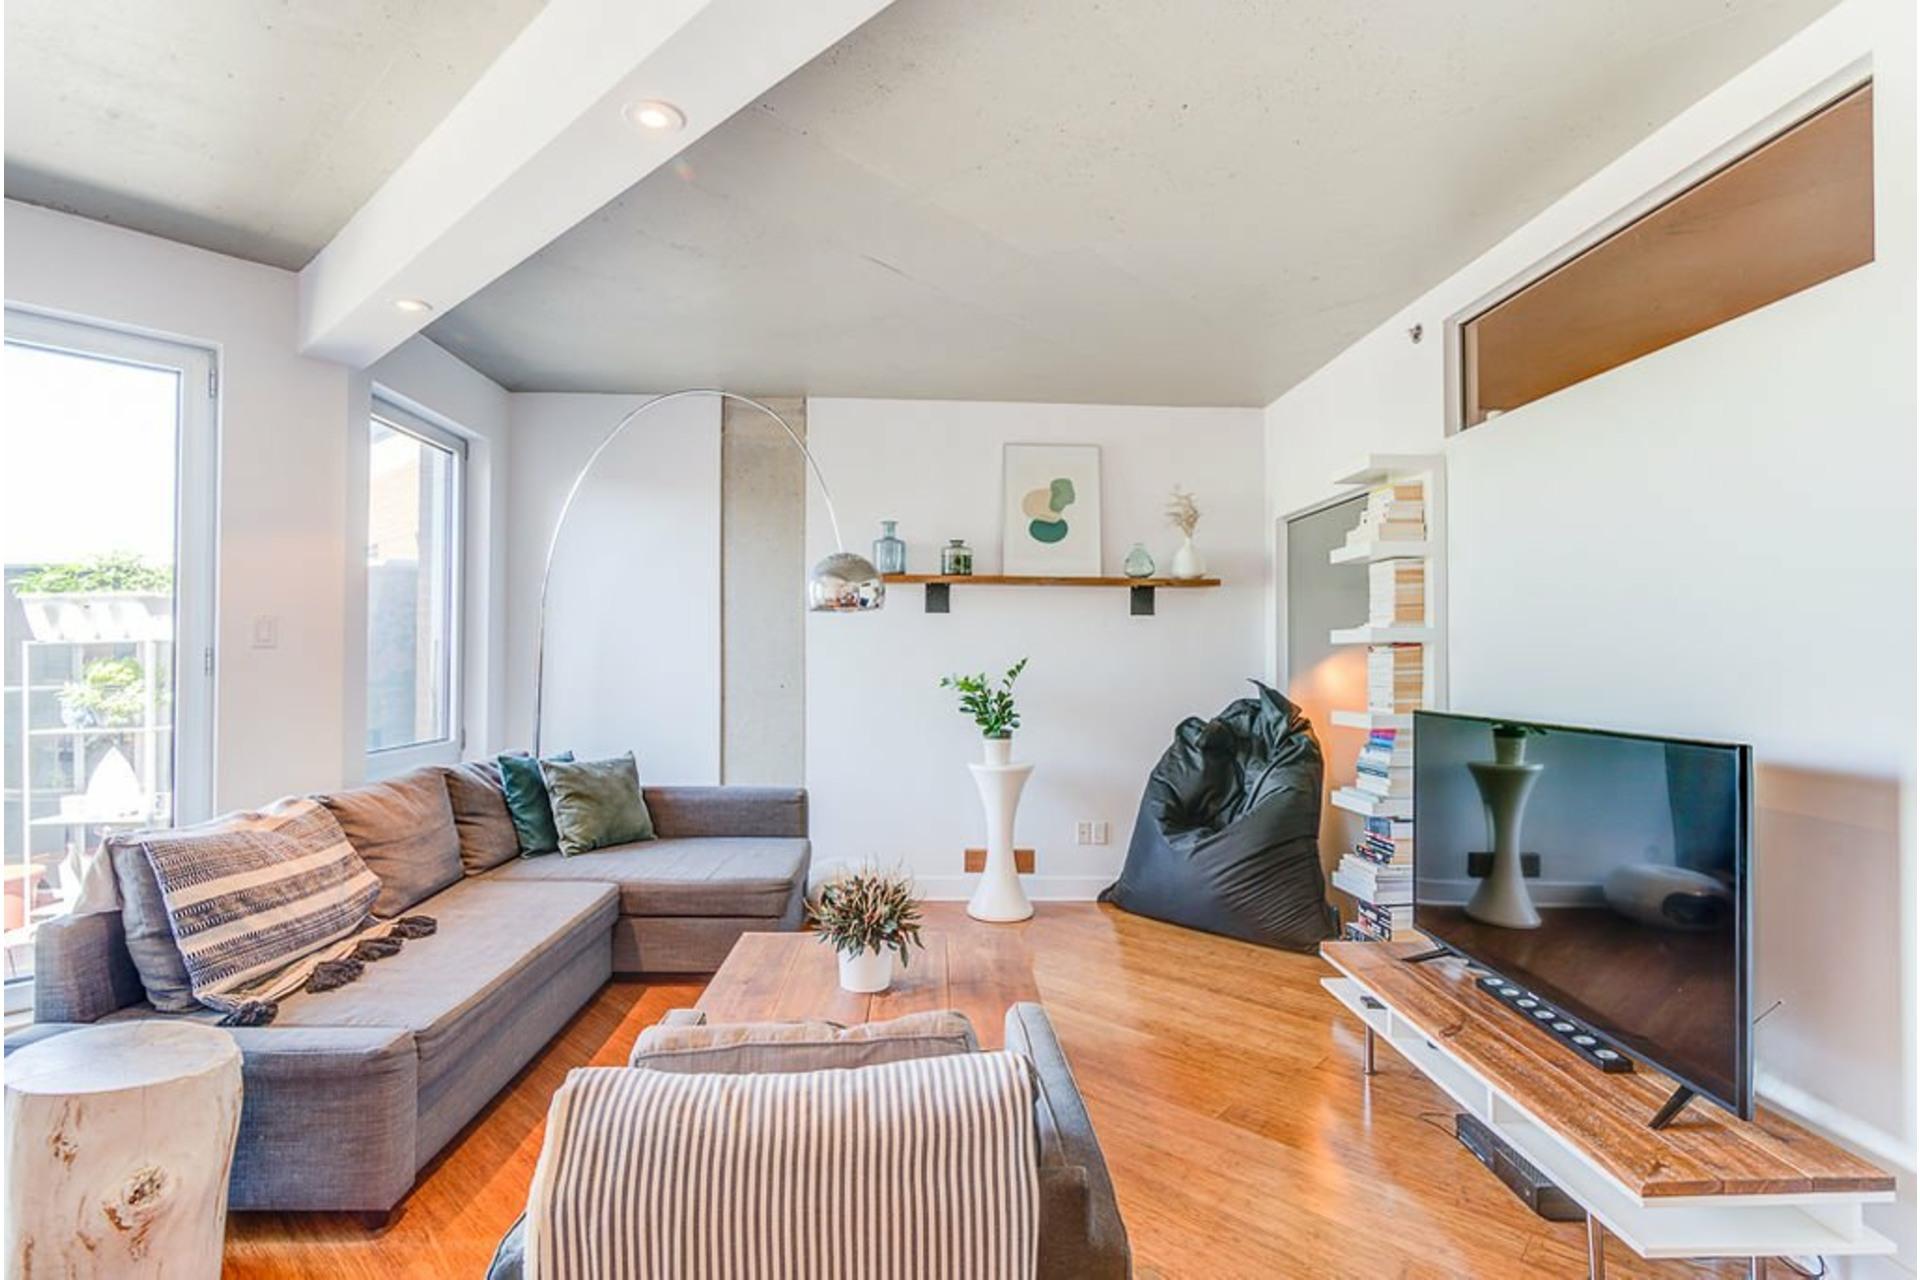 image 2 - Apartment For sale Villeray/Saint-Michel/Parc-Extension Montréal  - 4 rooms